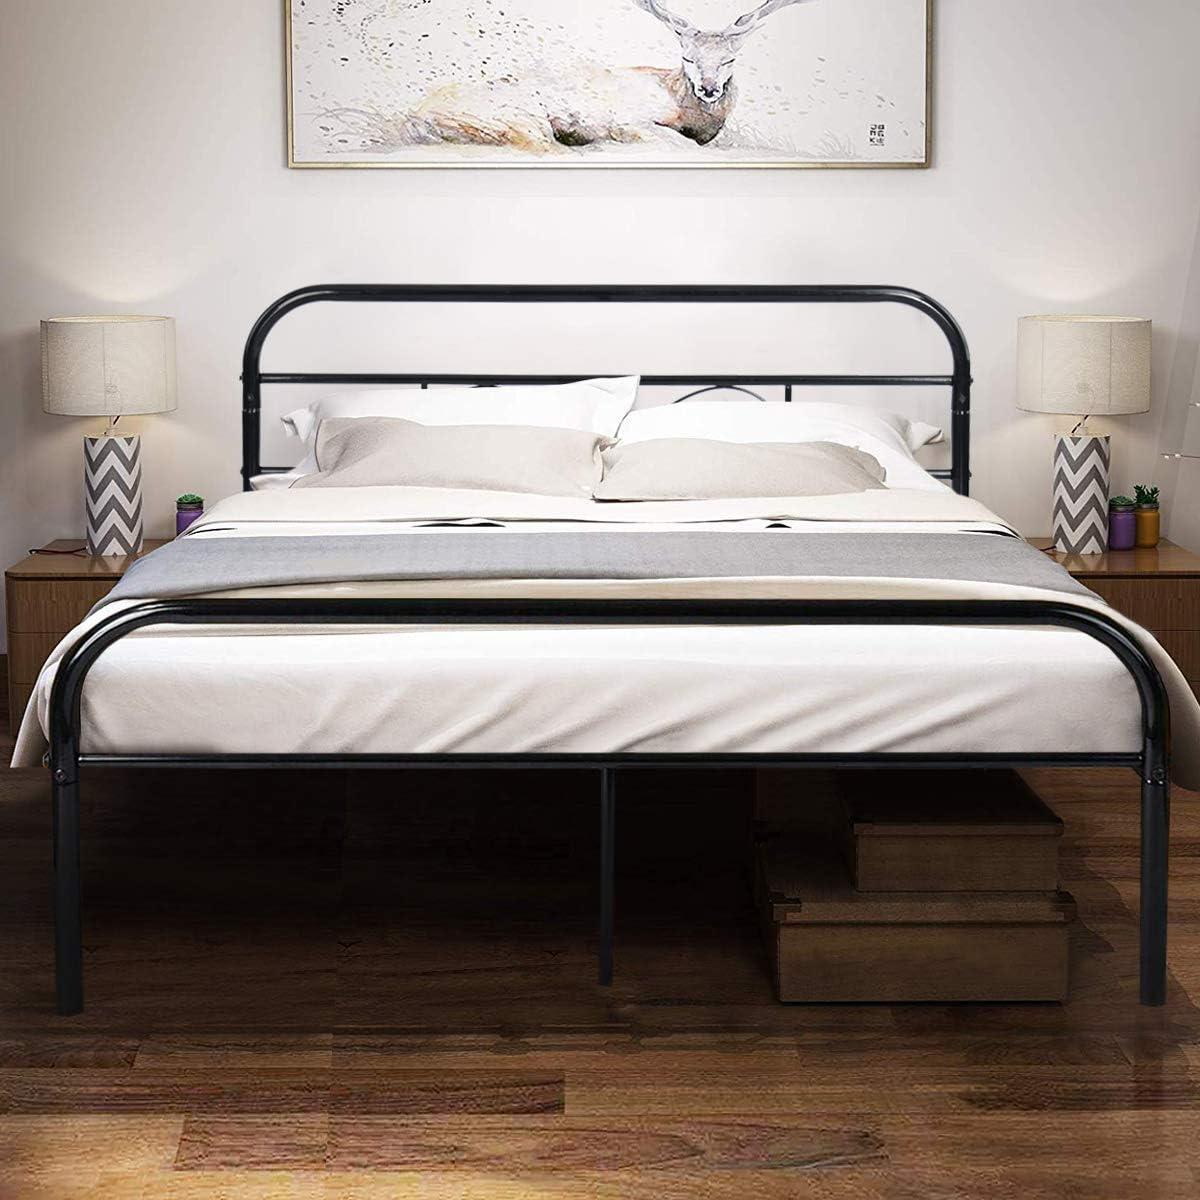 Schwarz Aingoo Bettgestell 90x190 Metallbett Bettrahmen mit Lattenrost f/ür Erwachsene Jugend Kinder ;Dieses Metall Bett passt ideal auf Matratze 90 x 190